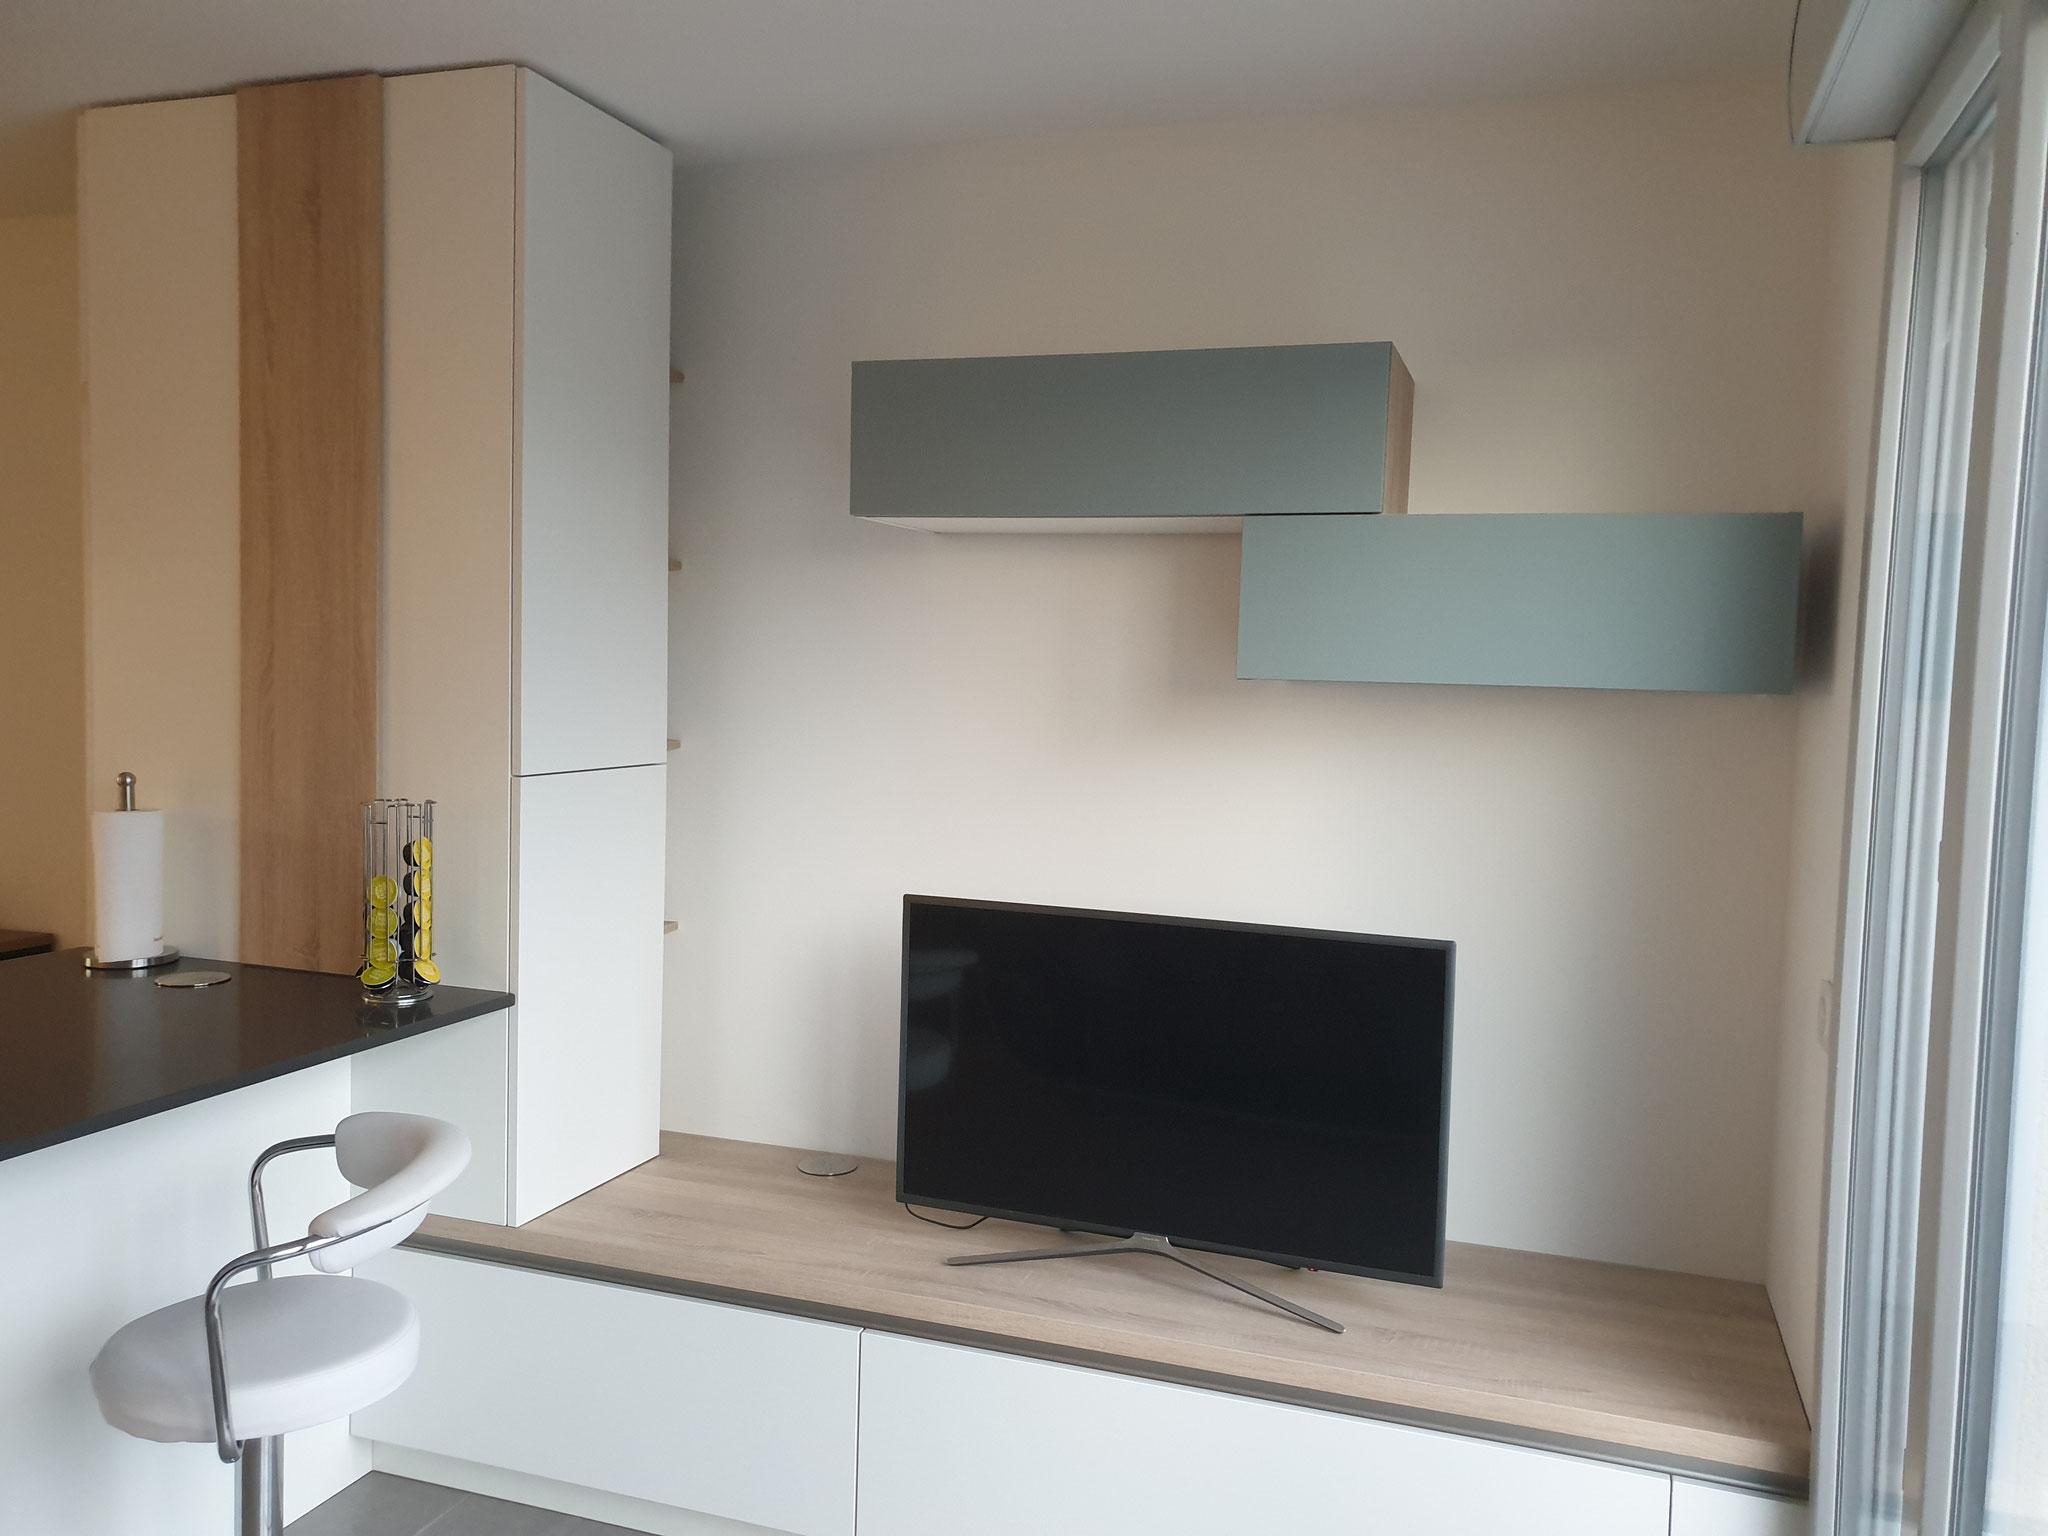 cuisine intérieur design à toulouse côté living en continuité de la cuisine laque mate blanche bois et bleu